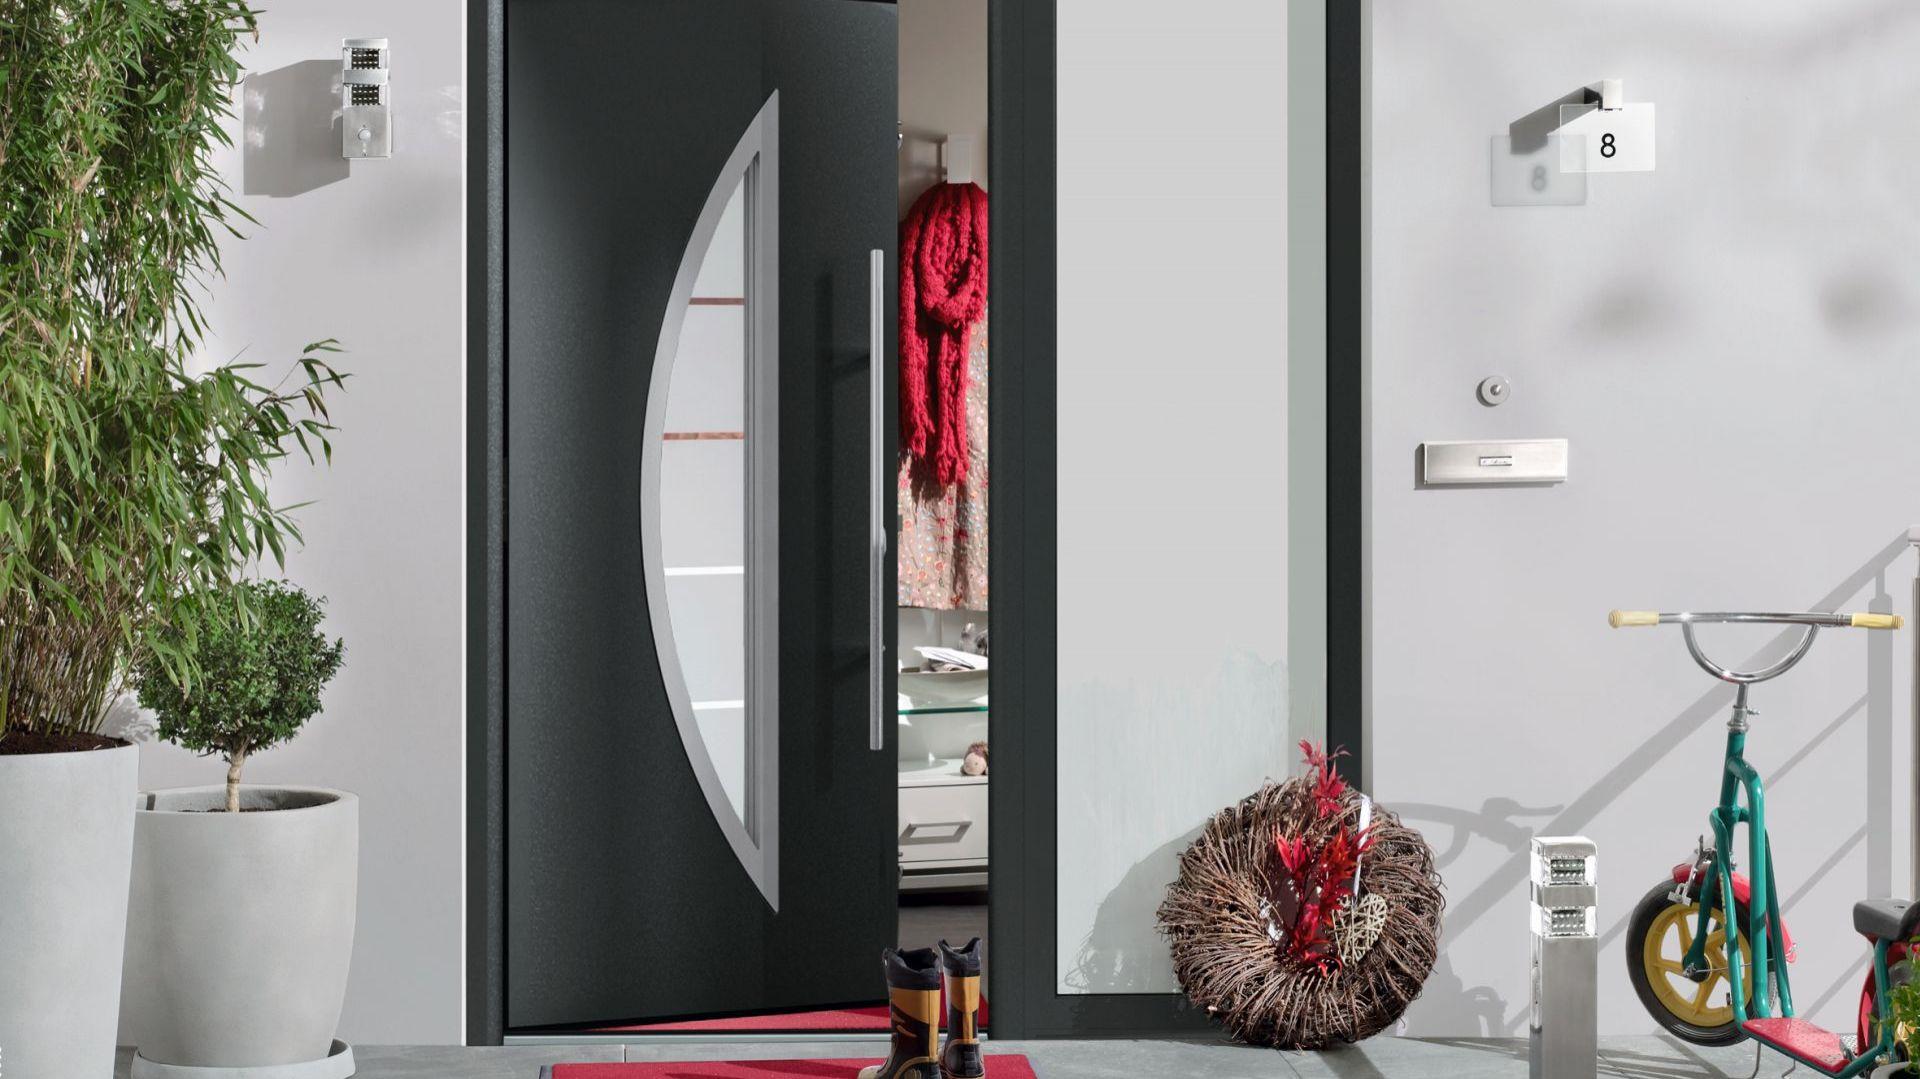 Nowoczesne drzwi zewnętrzne mają atrakcyjny design i dobrą izolacyjność cieplną. Fot. Hörmann